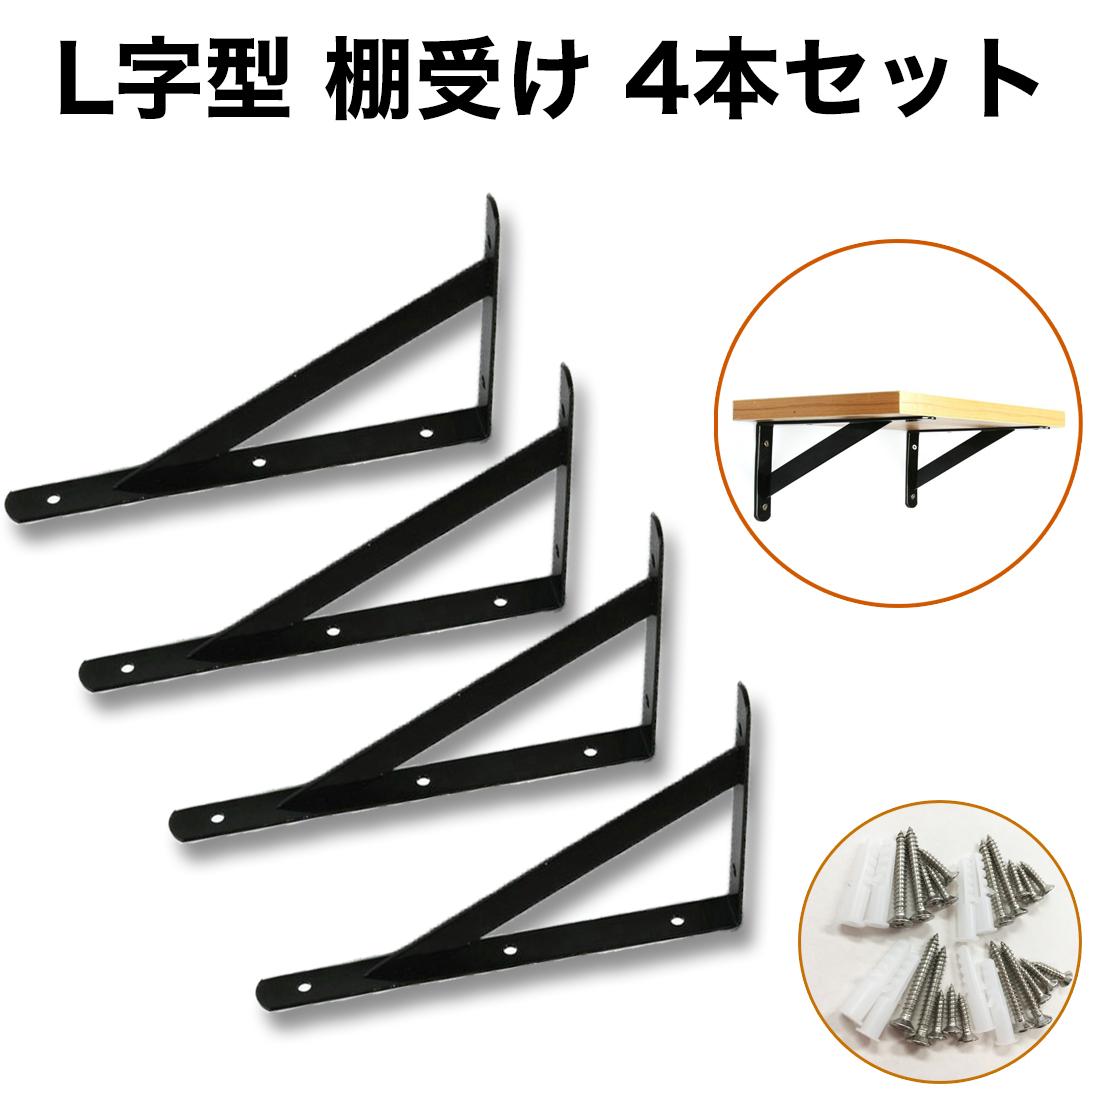 L字型 棚受け 金具 4本セット ビス付き 250mm×160mm×16mm ブラック 限定モデル 超激安 黒 ブラケット